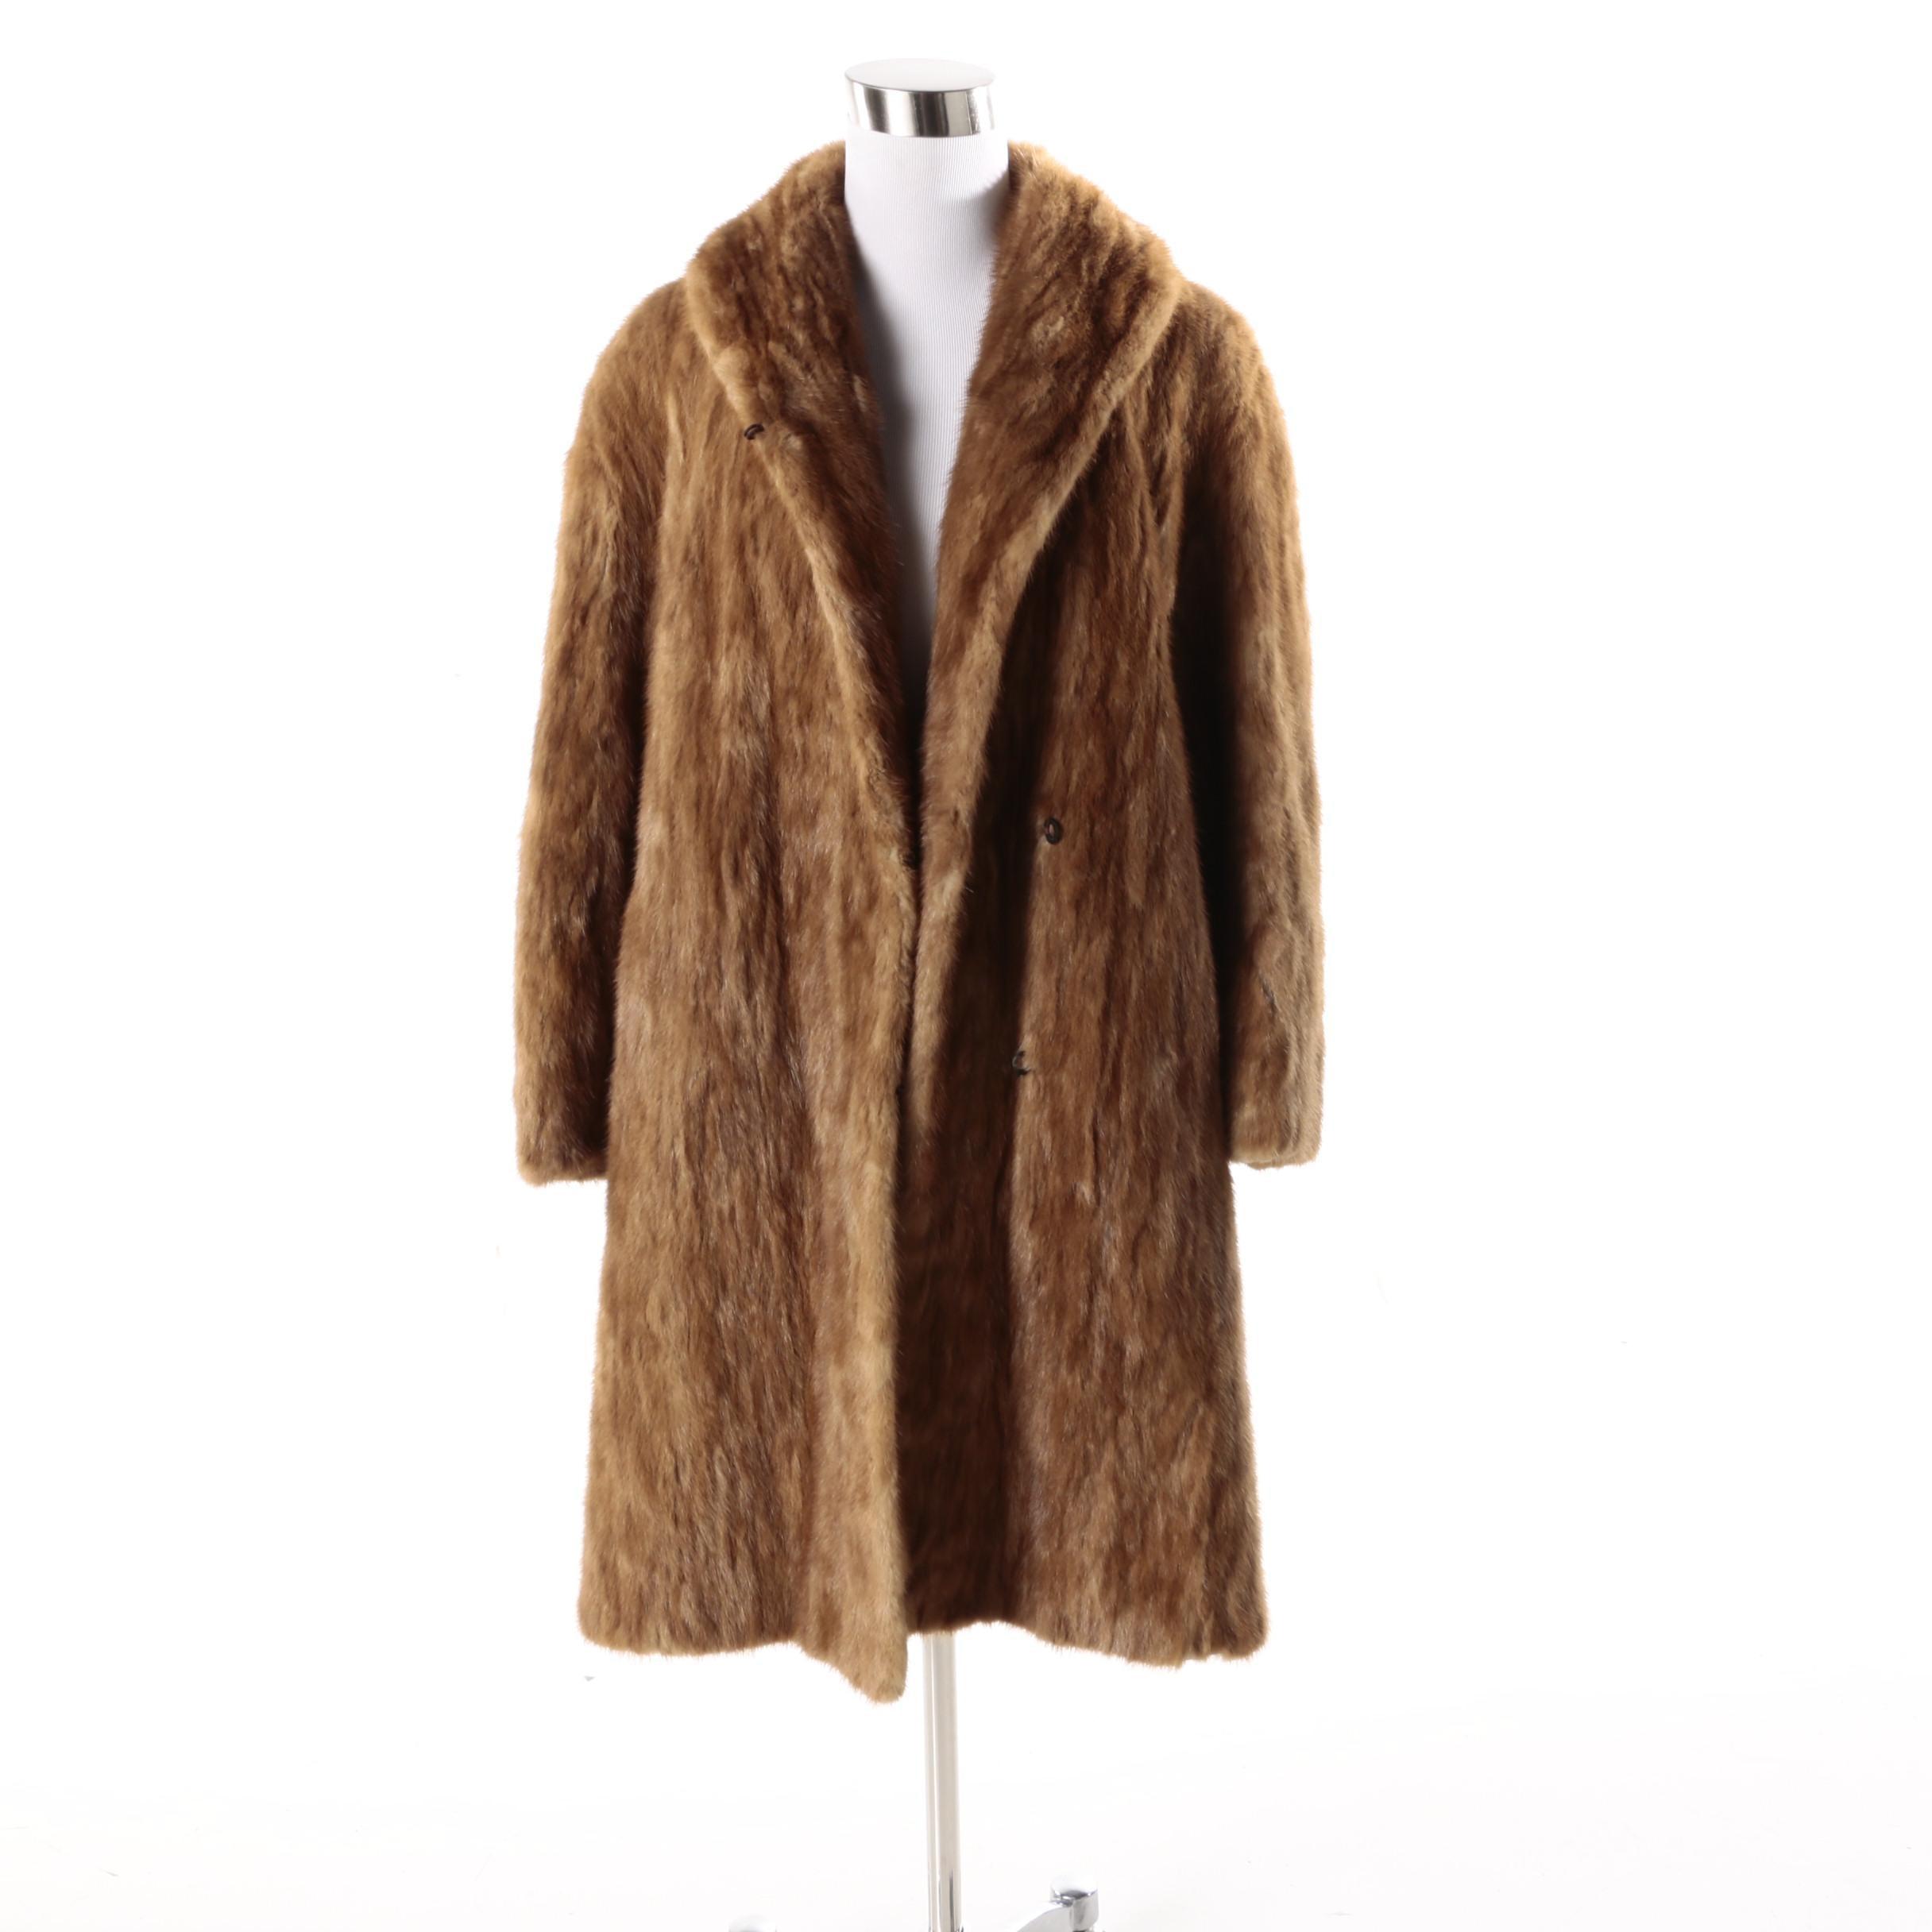 Vintage Pastel Mink Fur Coat